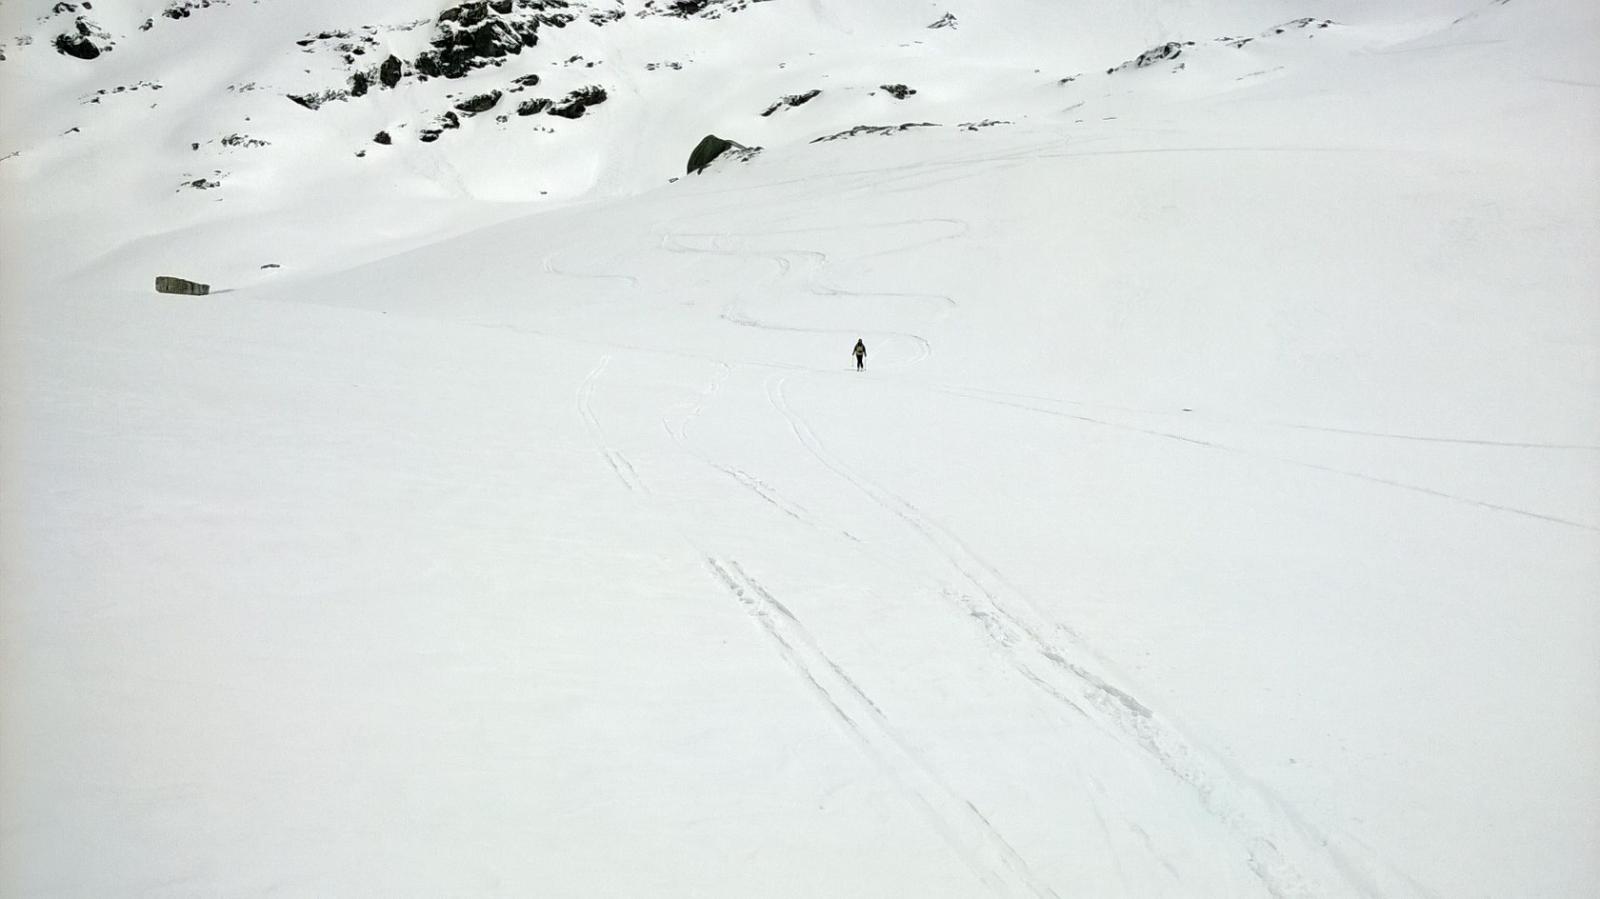 Ultimo tratto con neve primaverile